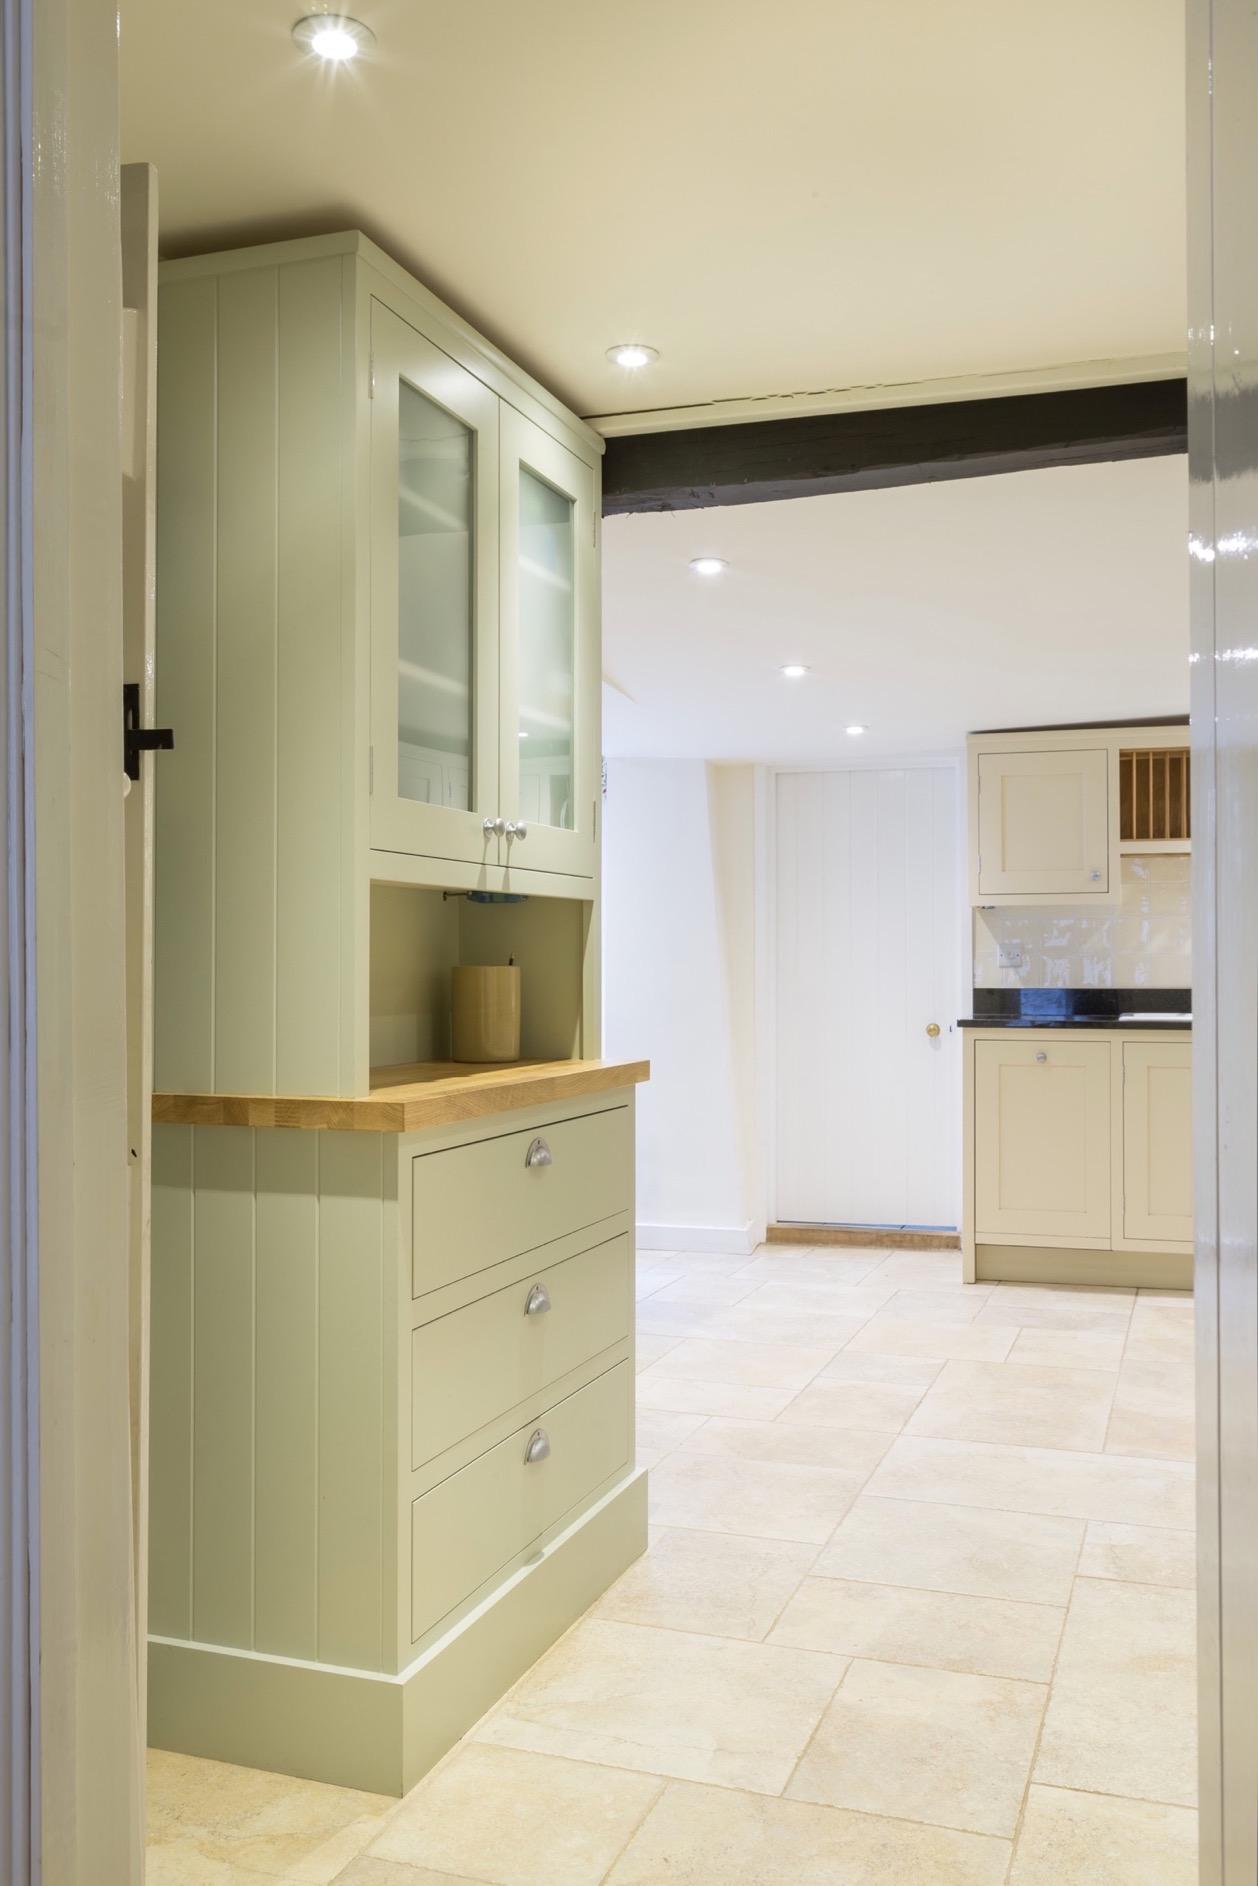 Handpainted dresser with oak drawers and glass doors amersham bucks 4